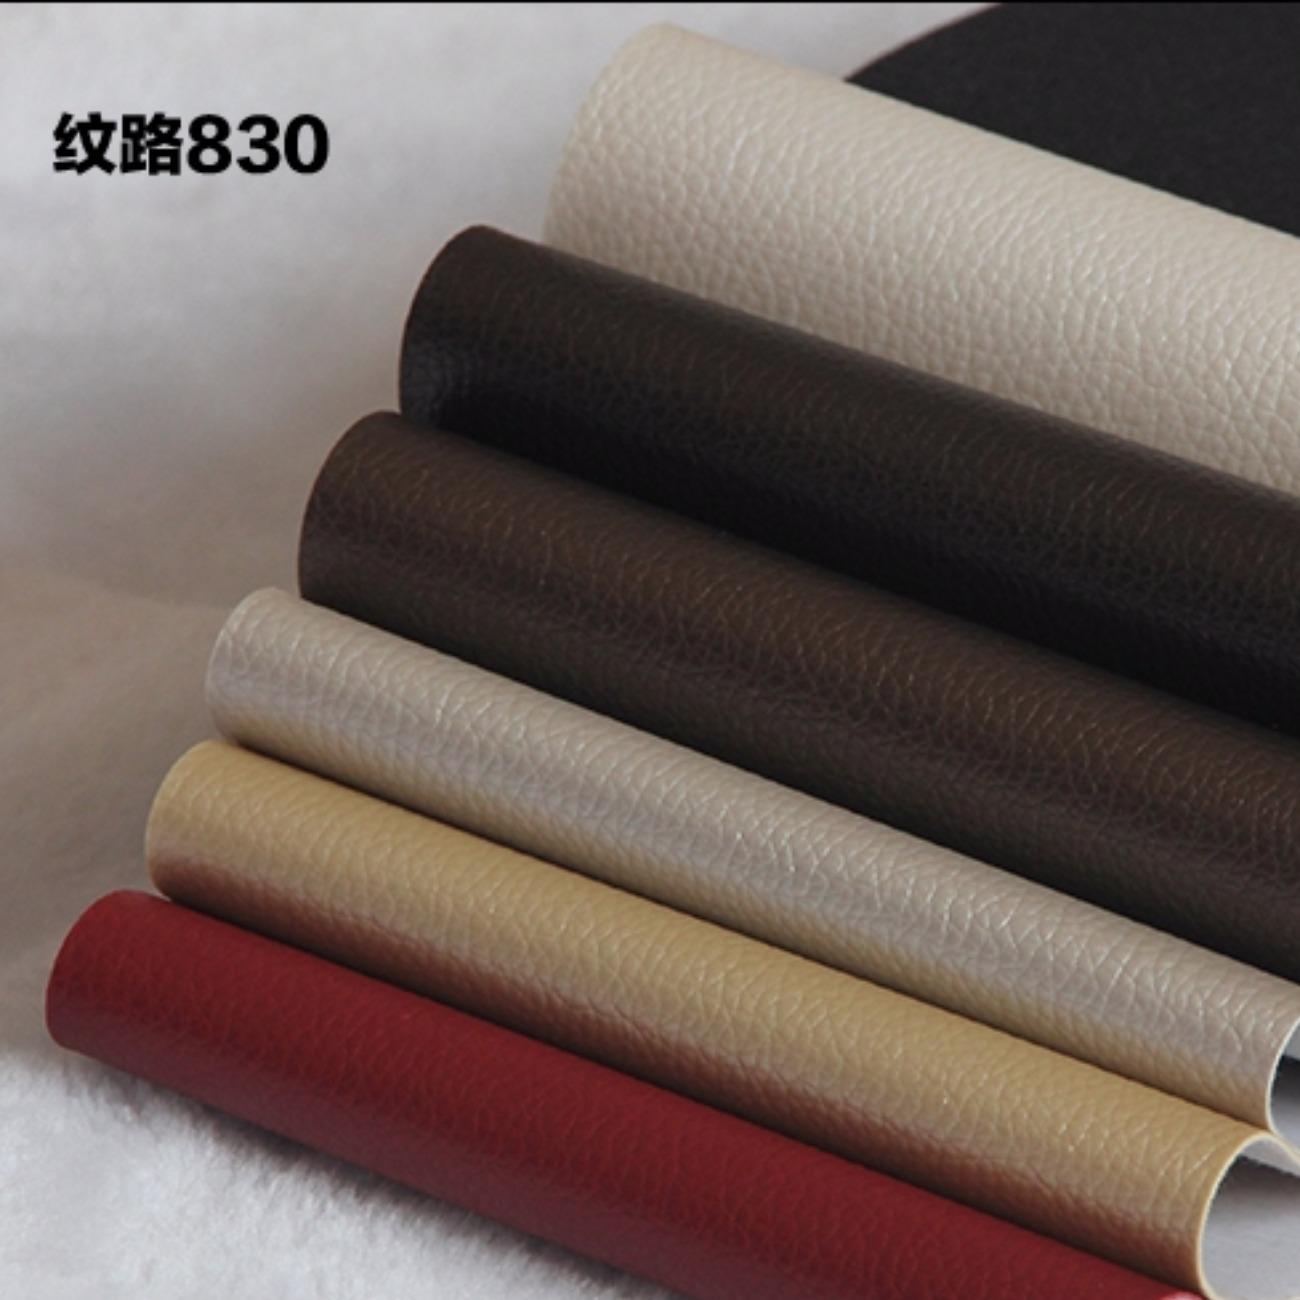 大荔枝纹人造革皮革面料软包皮革硬包皮革面料沙发面料皮料皮革厚 830